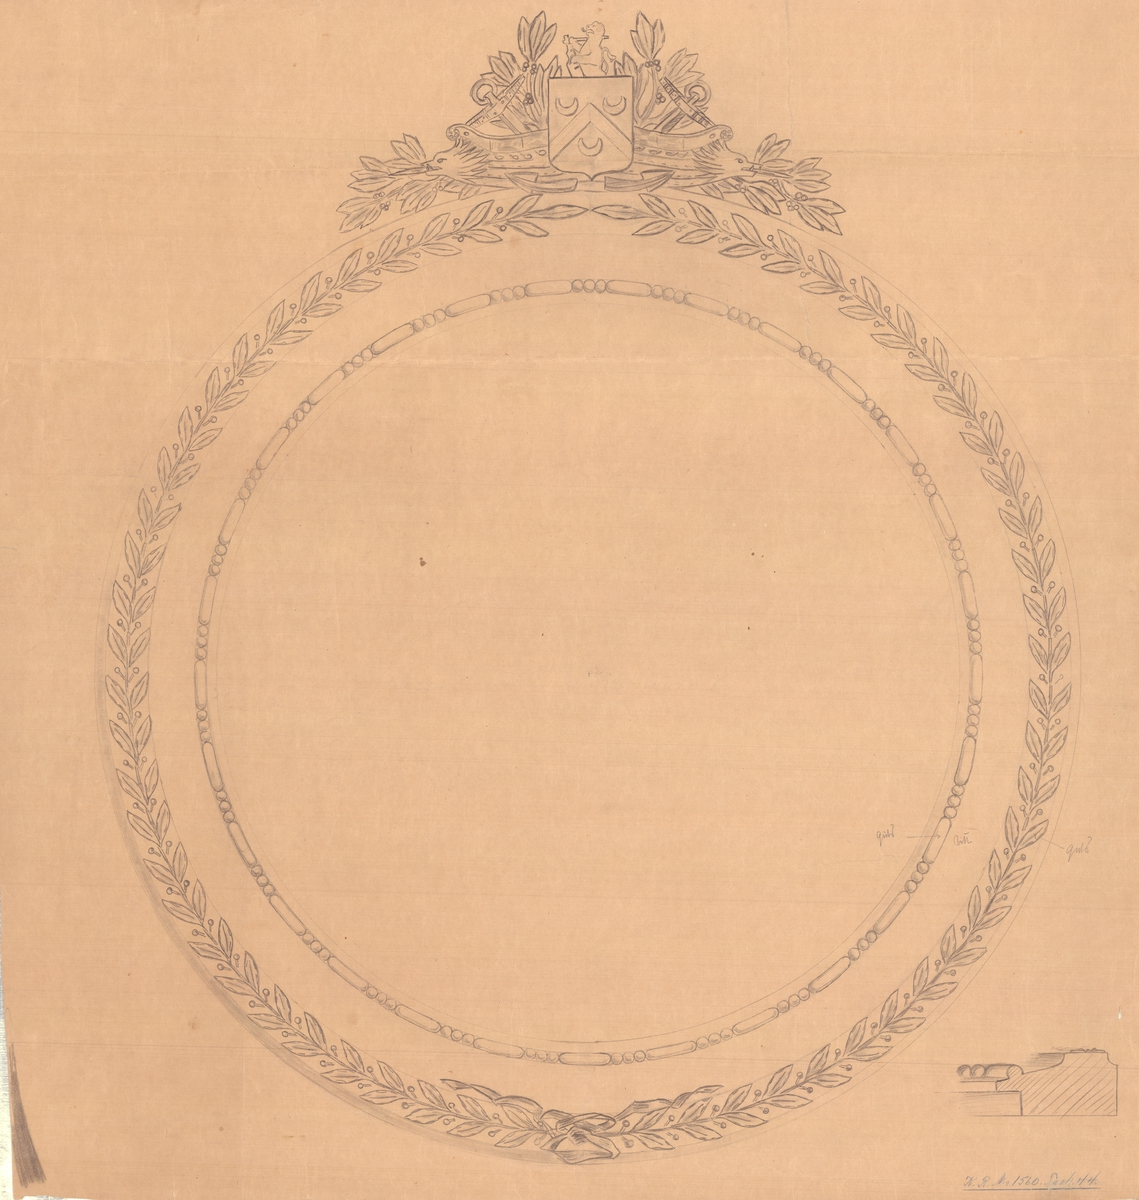 Förslag till ram att användas till Chapmans medaljong.